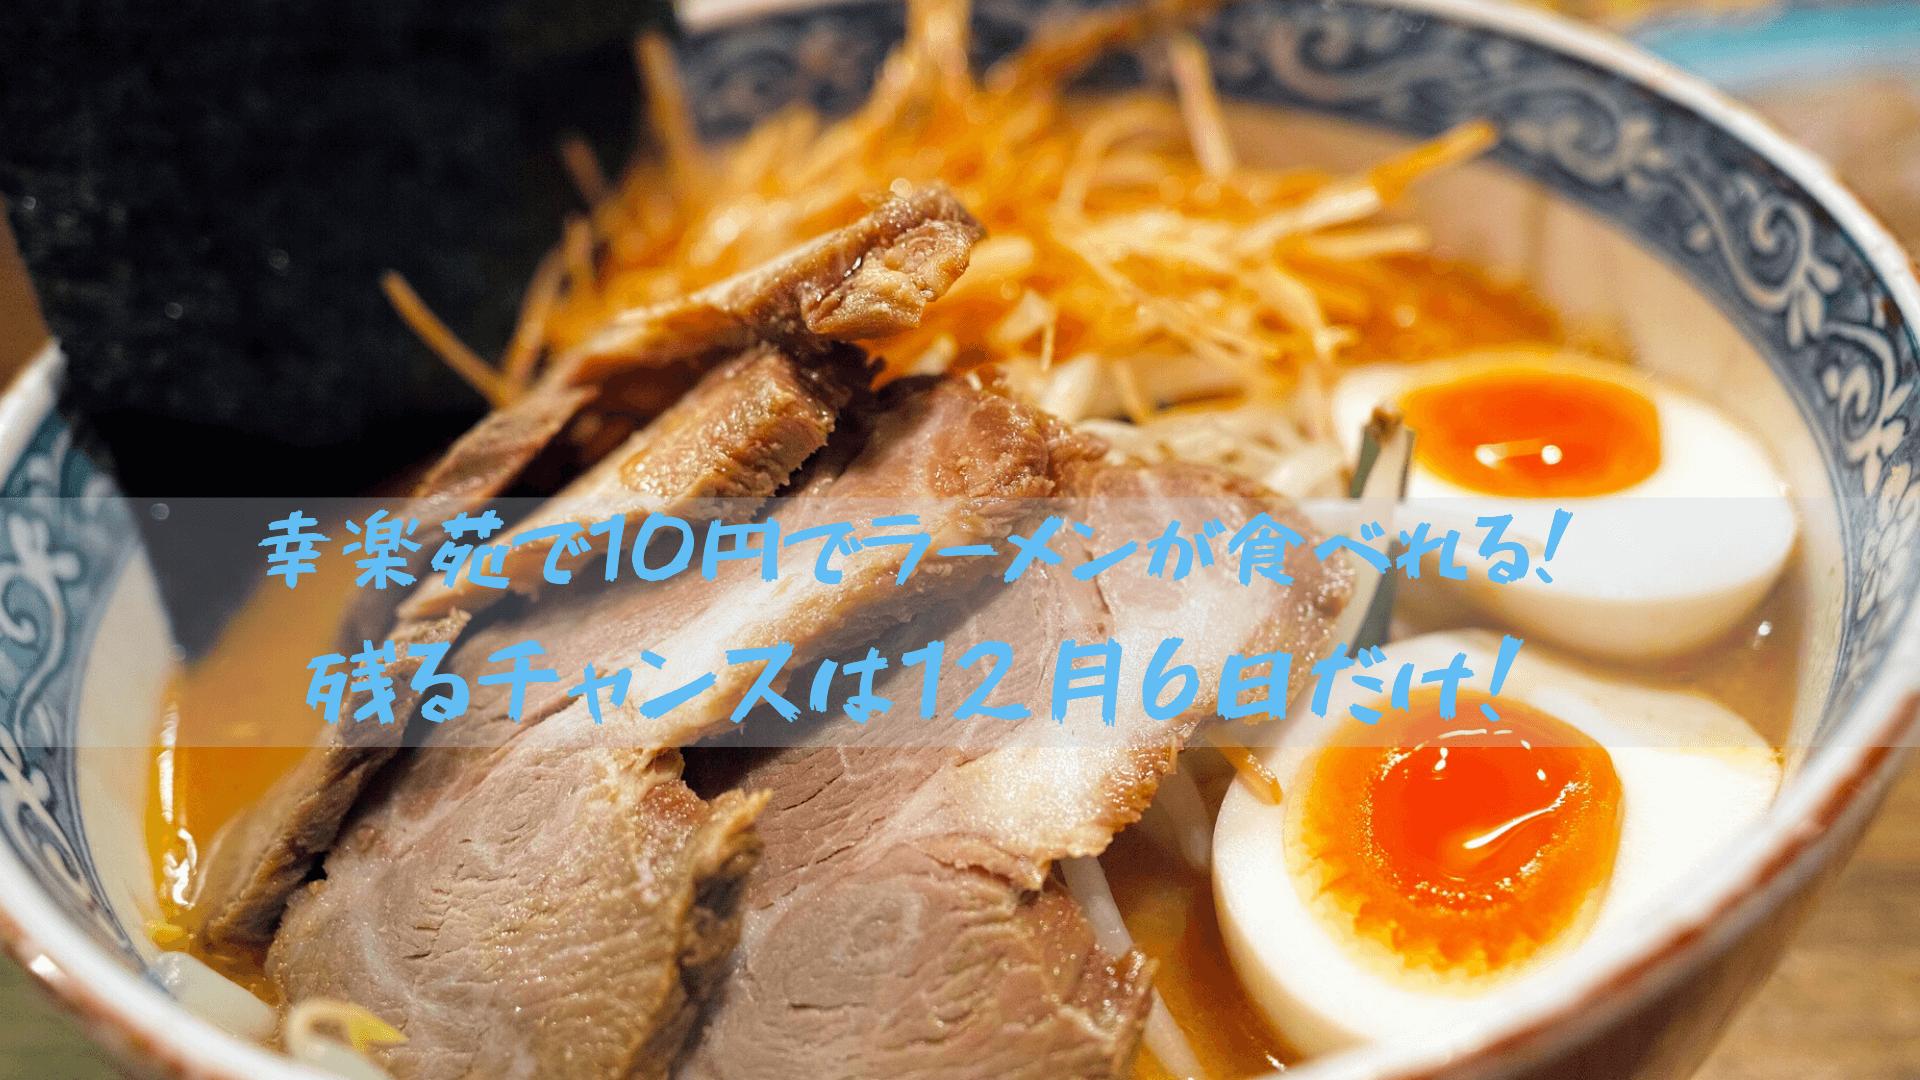 幸楽苑で10円でラーメンが食べれる!チャンスは12月6日だけ!